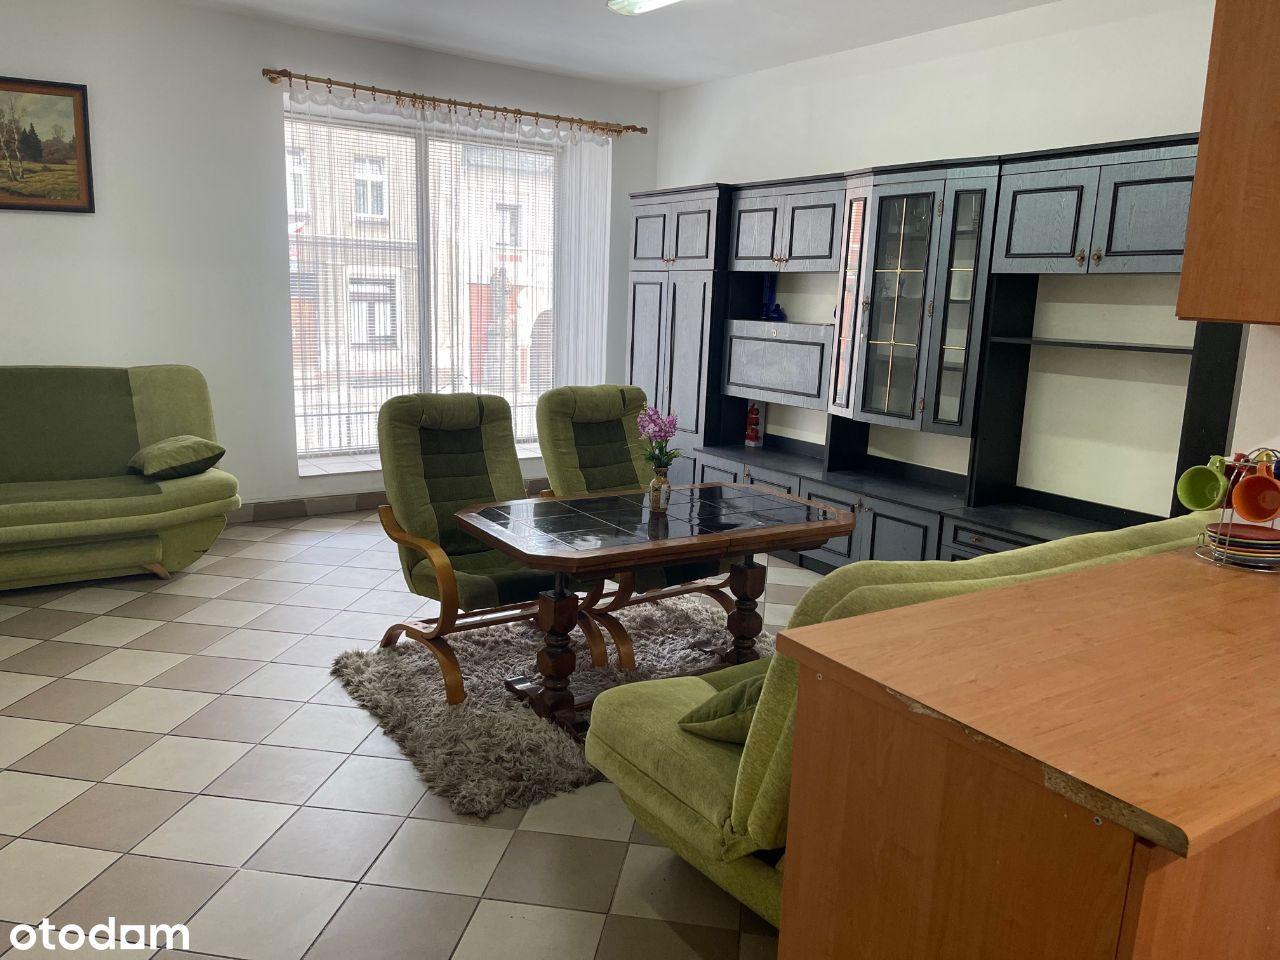 2 Mieszkania w miejscowości Henryków 140m2